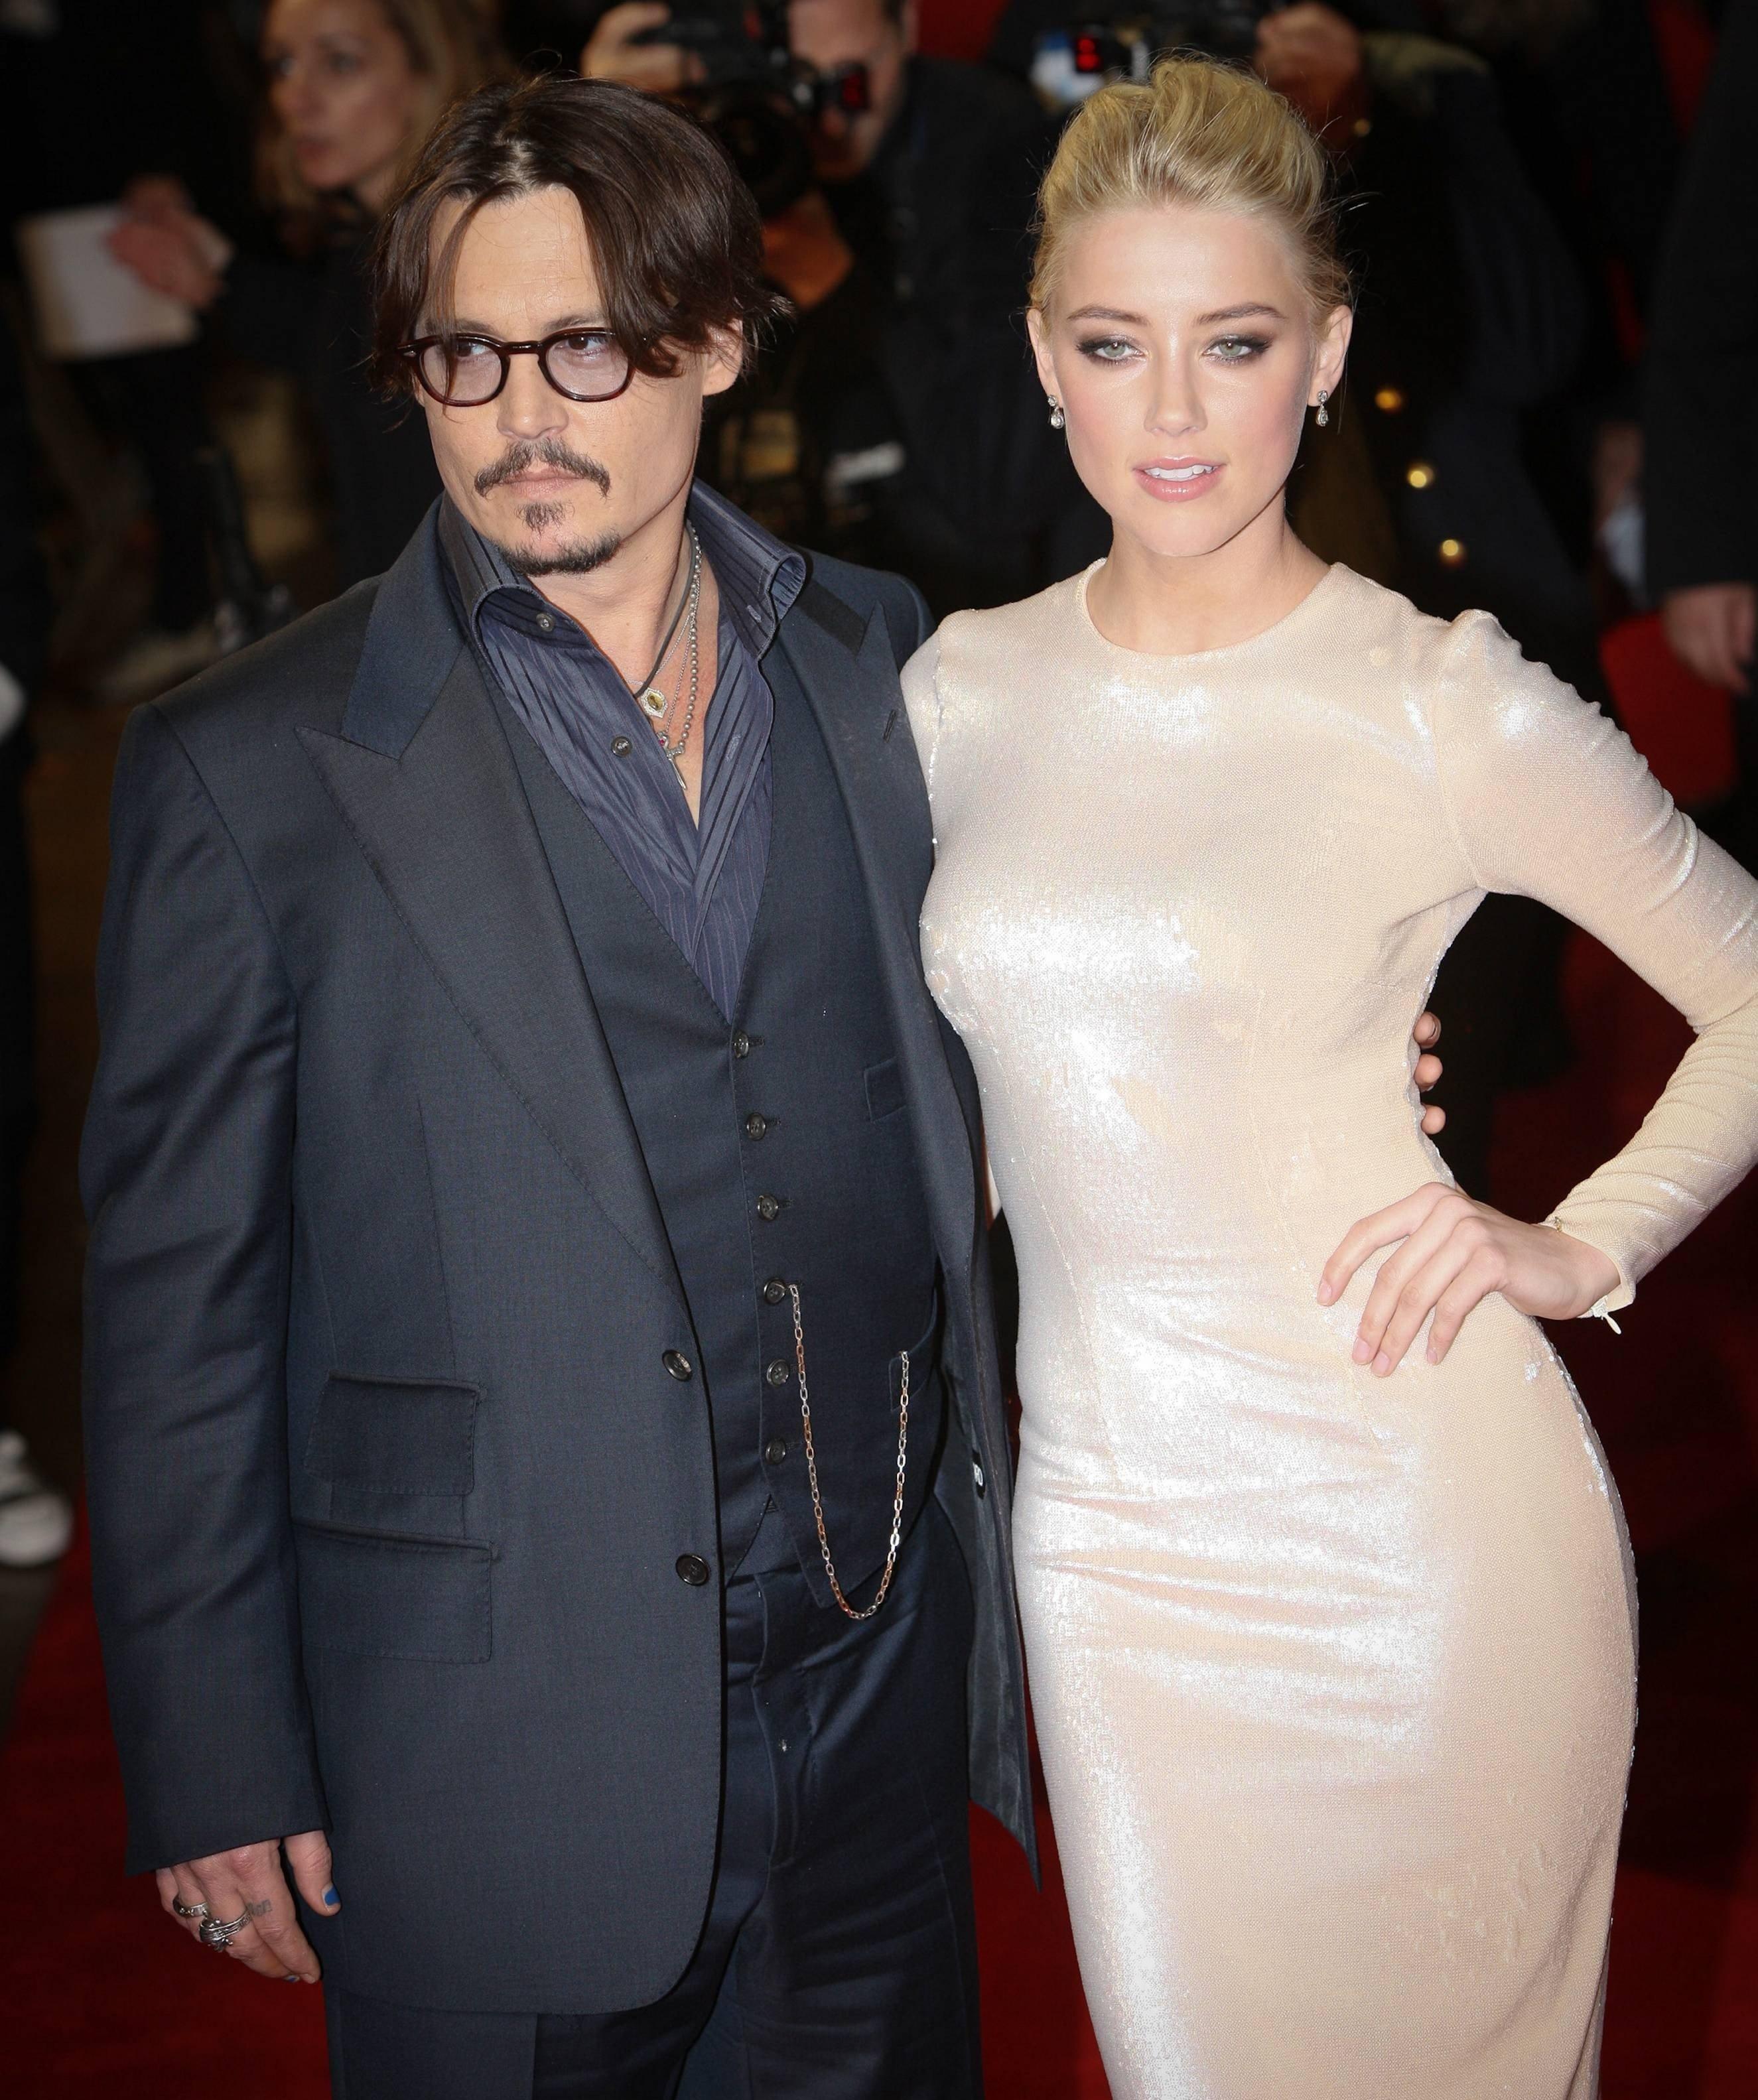 Jhonny Depp se compromete con la actriz Amber Heard